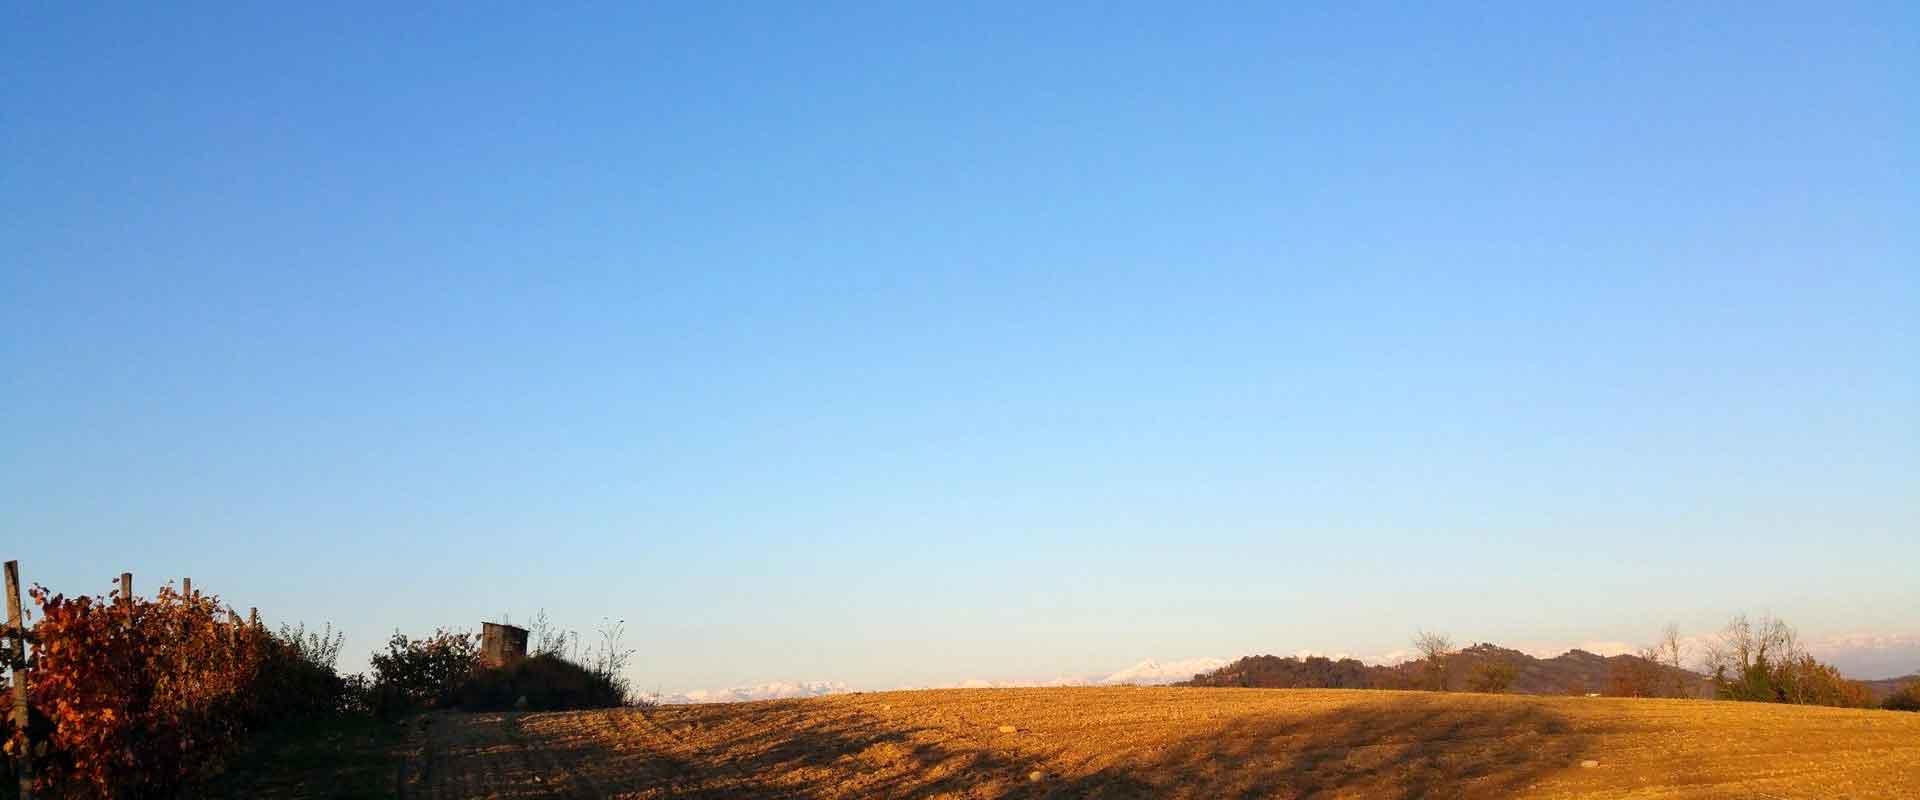 Itinerari turistici per visitare borghi e colline